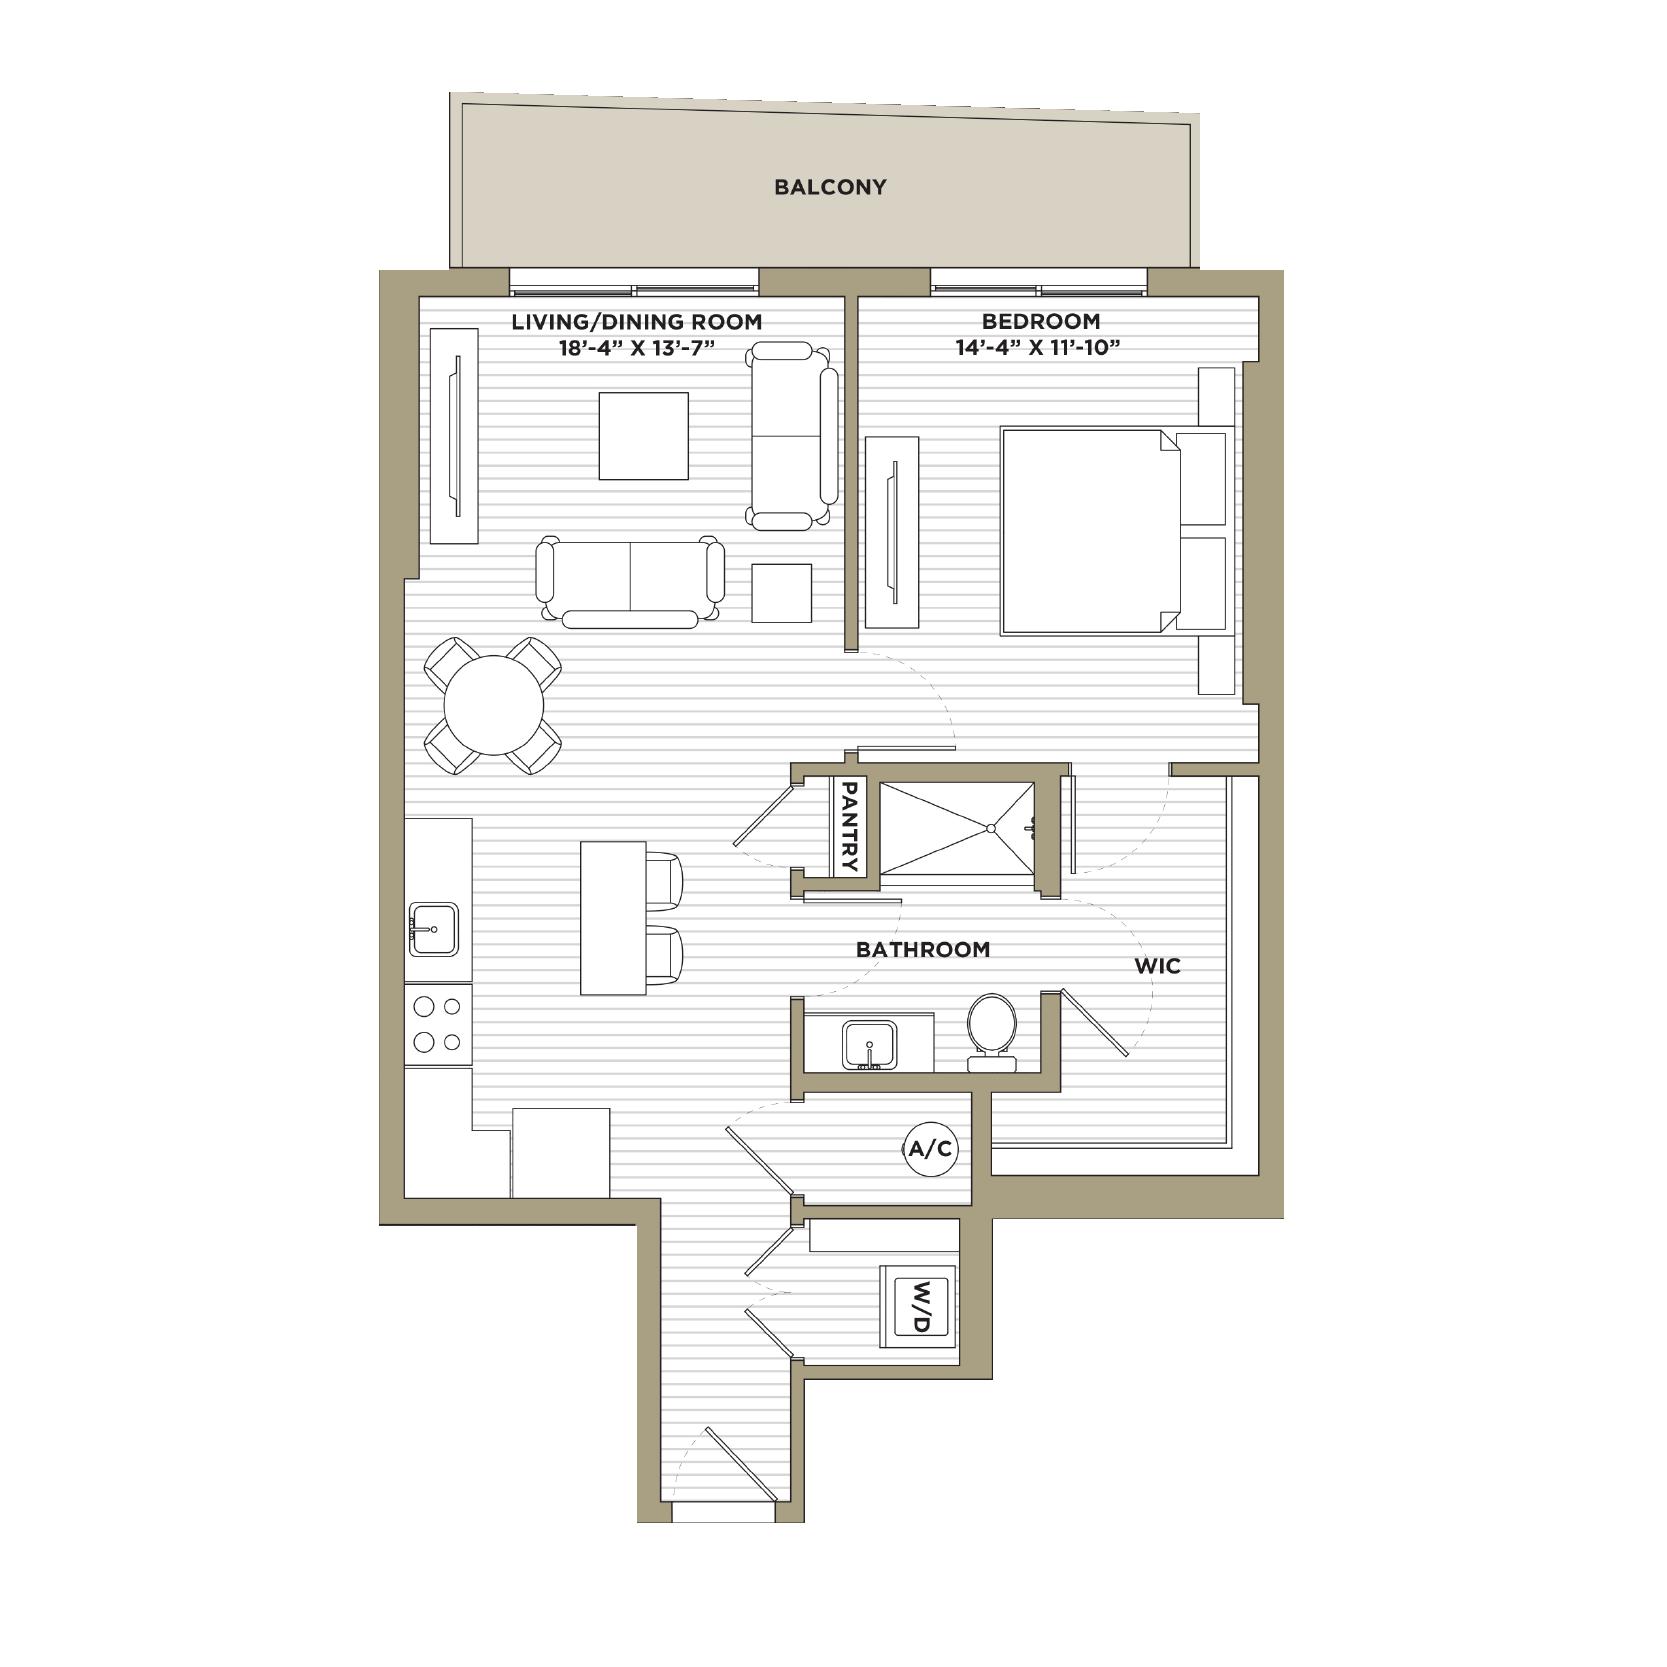 A3 - 1 Bedroom / 1 Bathroom861 sq. ft.